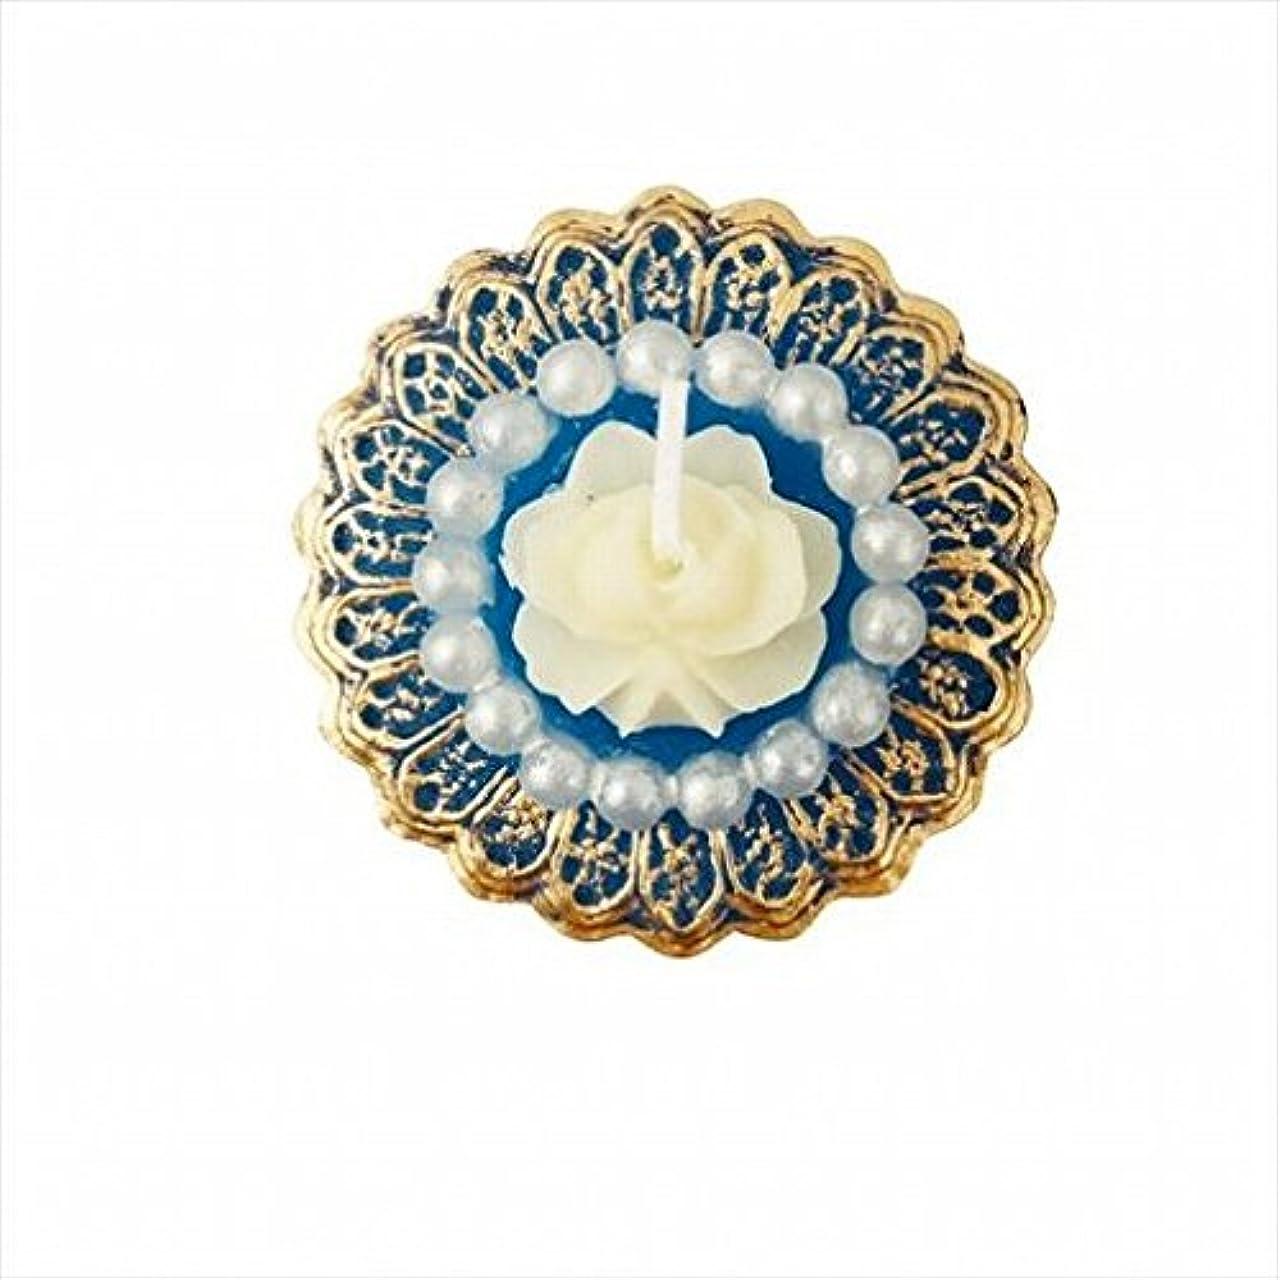 微妙属する安らぎkameyama candle(カメヤマキャンドル) アンティークジュエリー 「 ブルーローズシェル 」 キャンドル 48x48x24mm (A4380020)